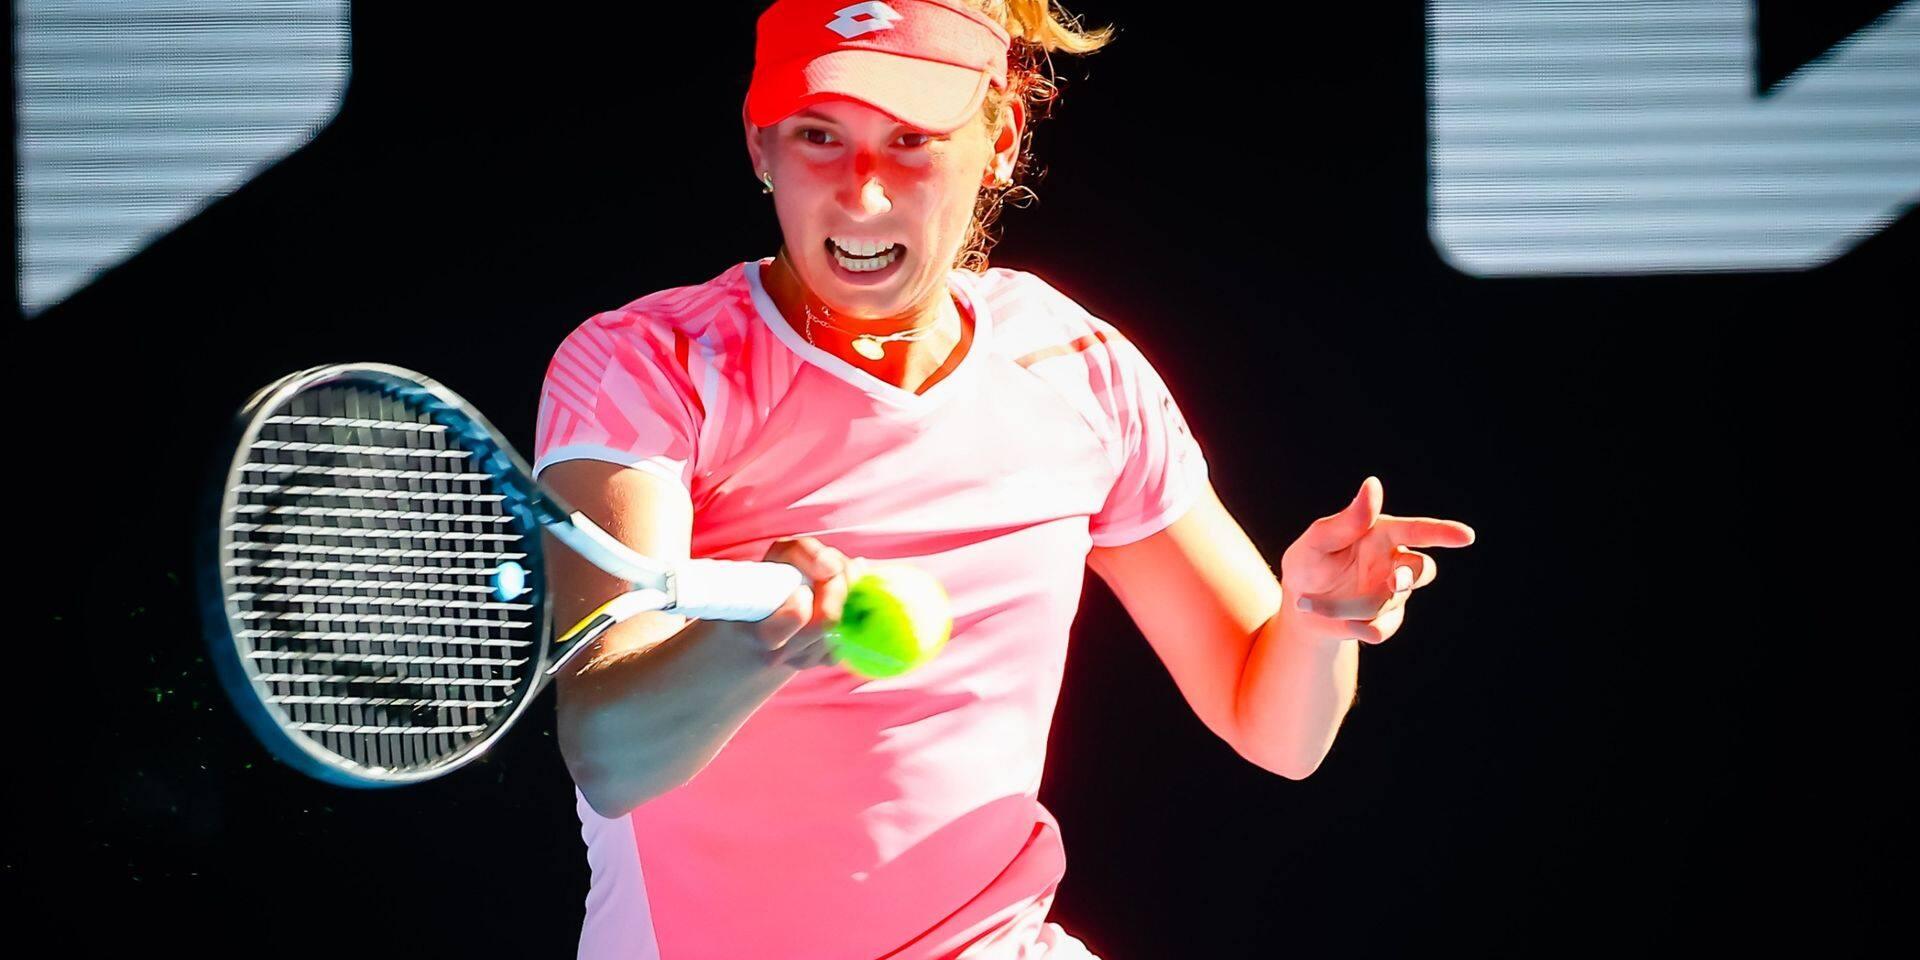 WTA Dubaï: Elise Mertens domine encore Garcia et file en quarts de finale